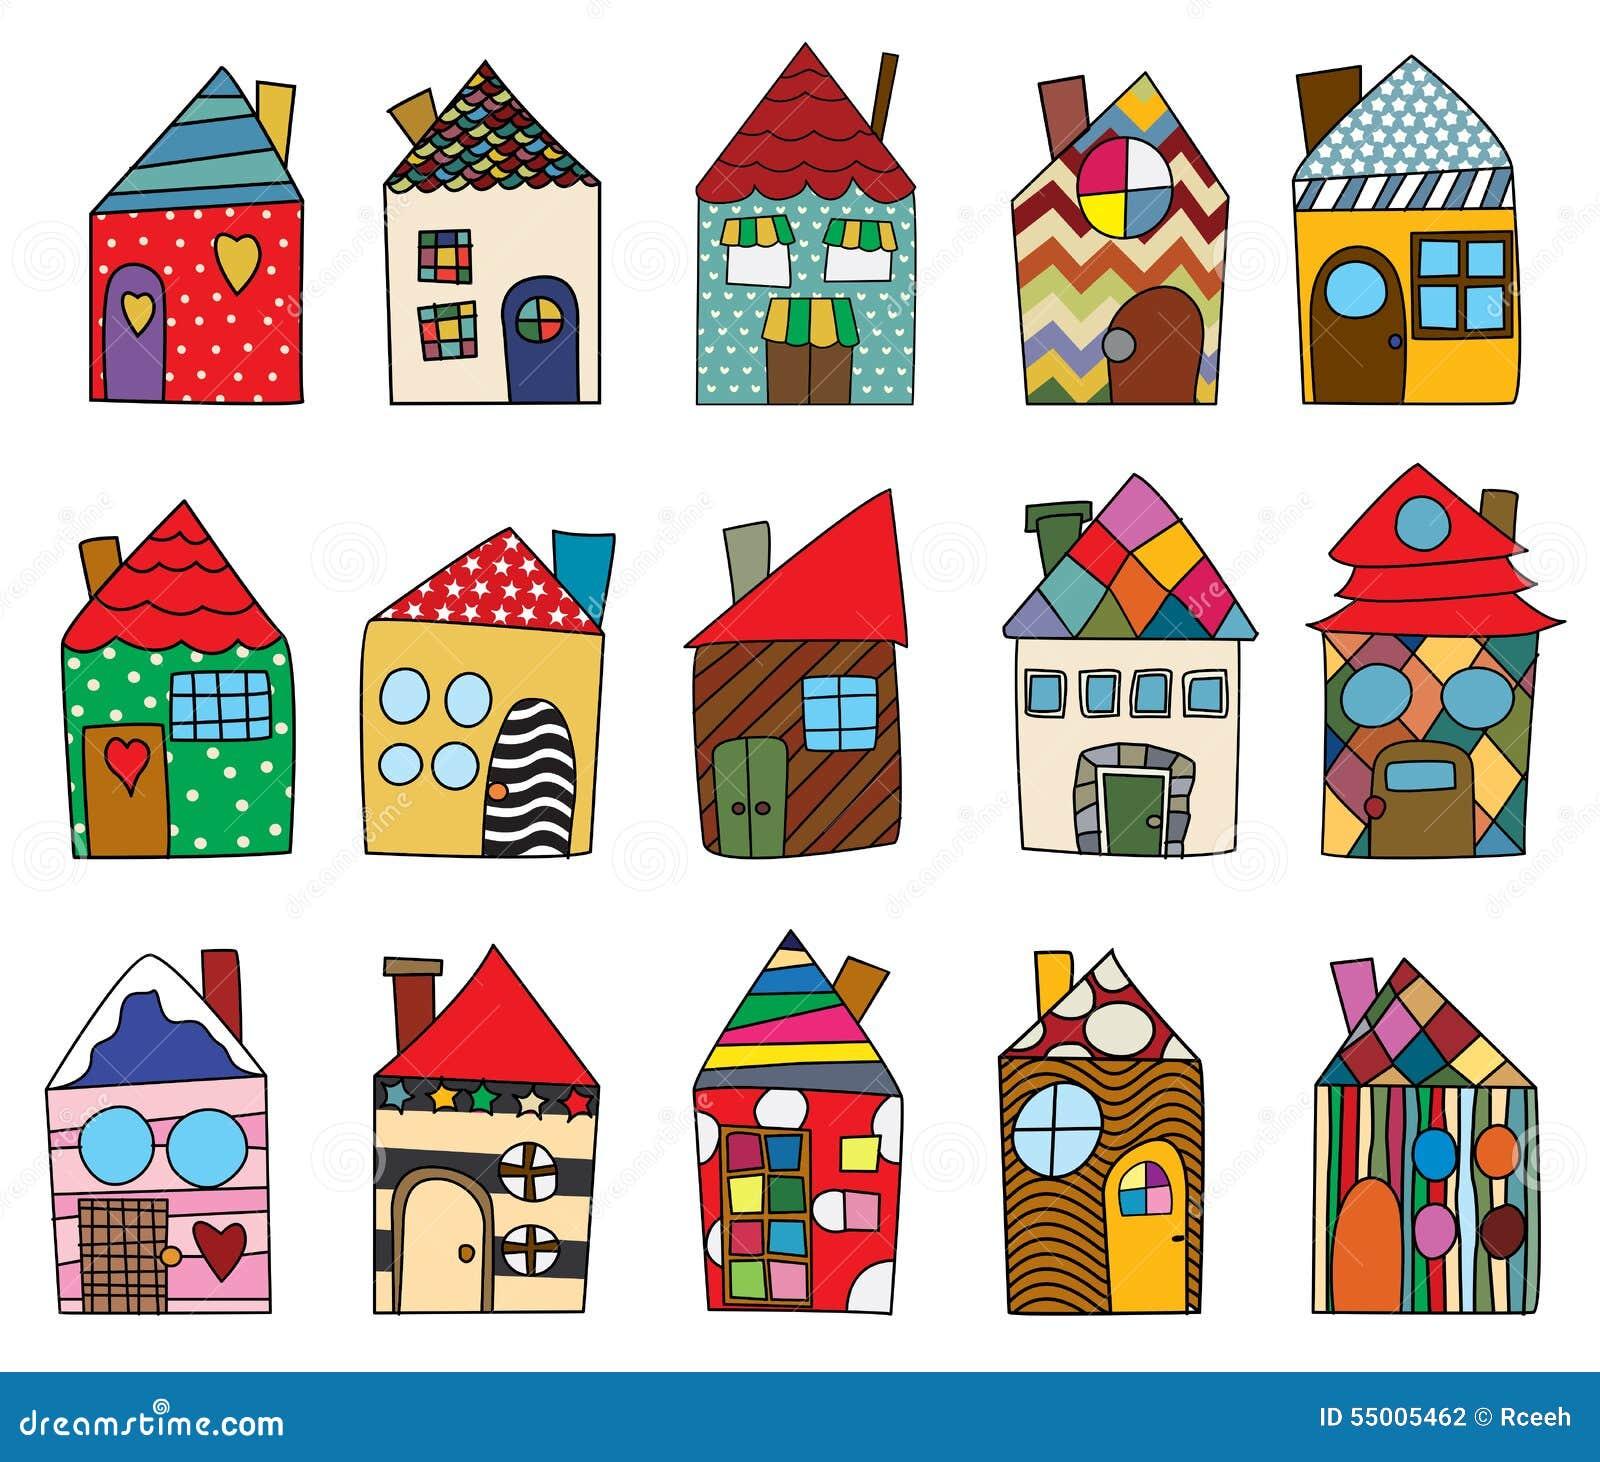 Dibujos infantiles de la casa stock de ilustraci n - Imagenes infantiles de casas para colorear ...